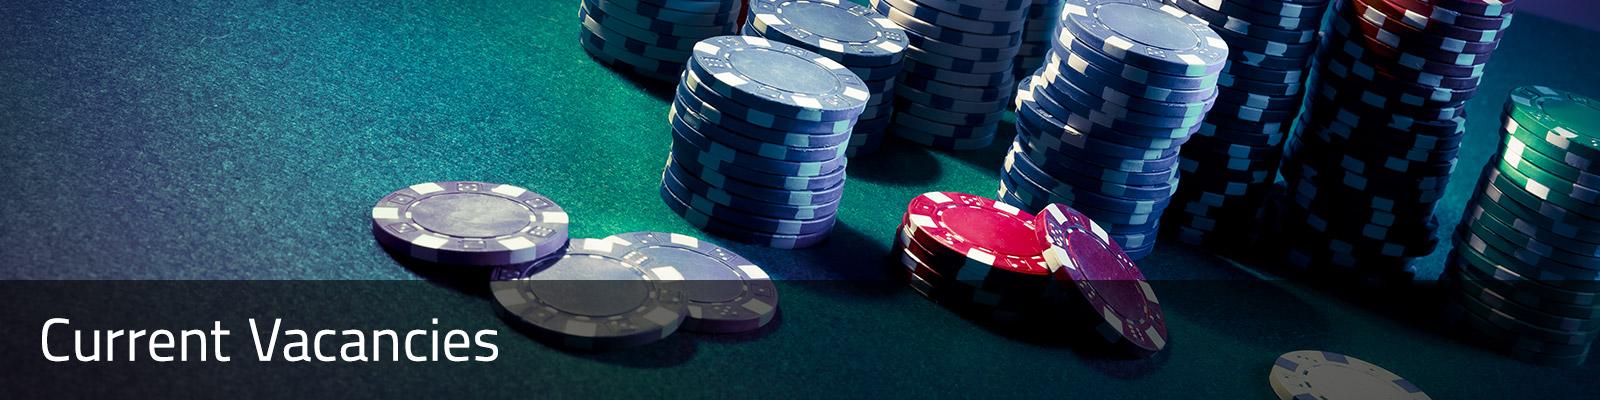 casino jobs vacancies